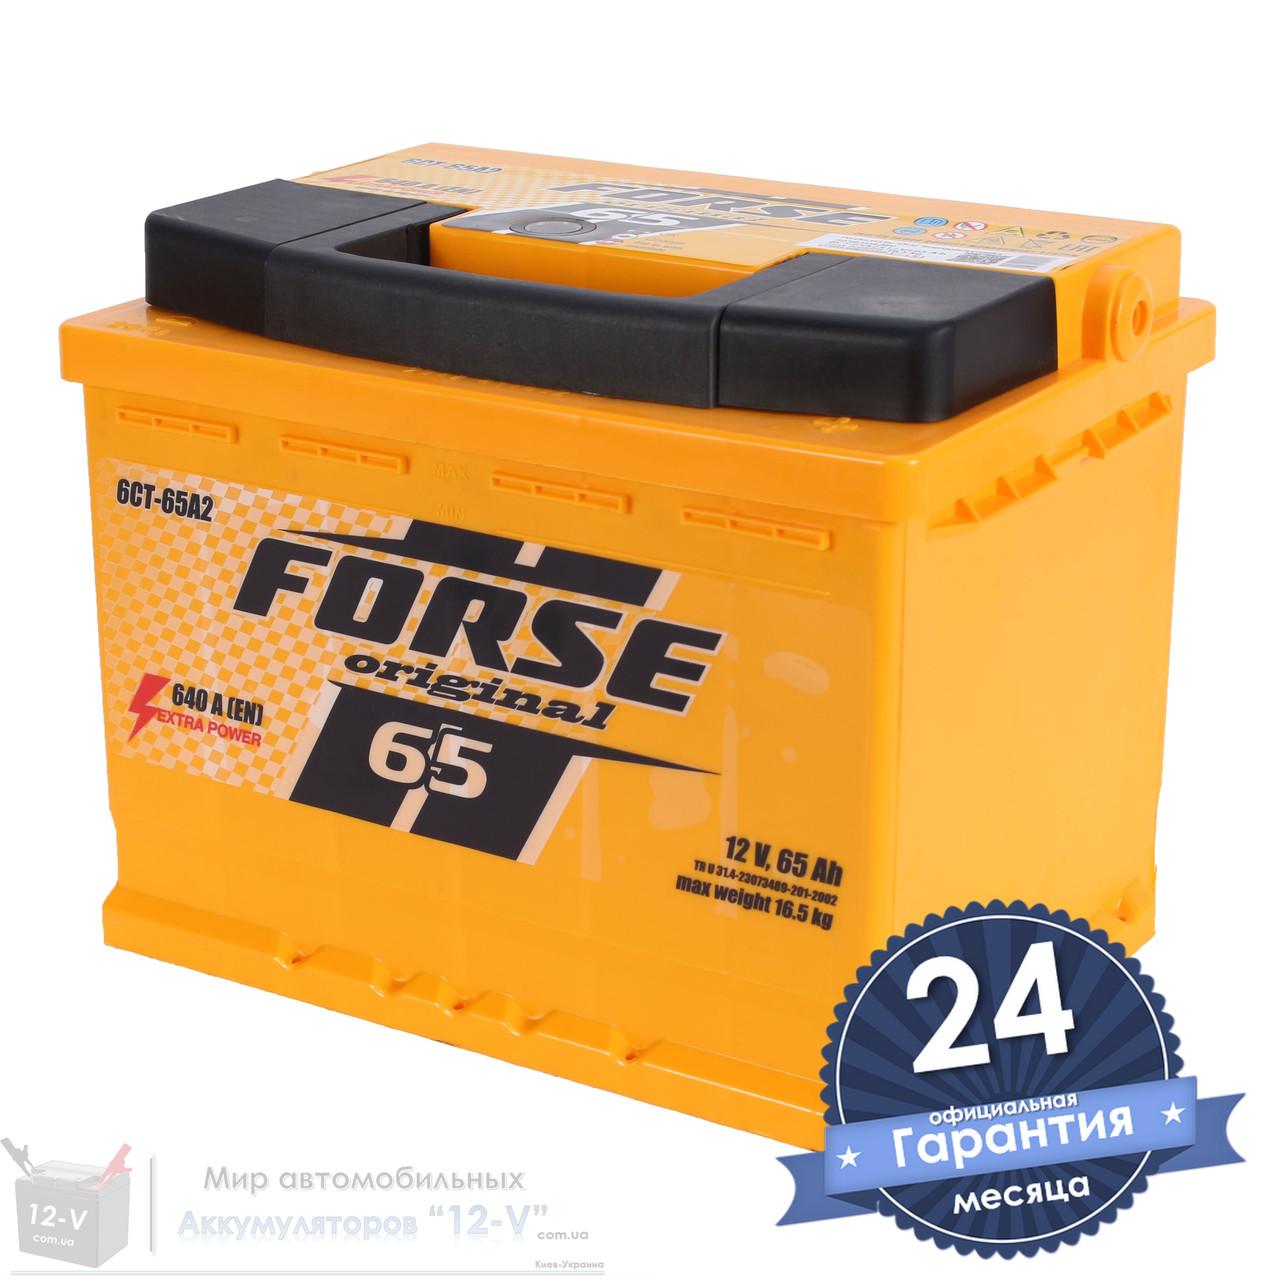 Аккумулятор автомобильный FORSE Original 6CT 65Ah, пусковой ток 640A [–|+]